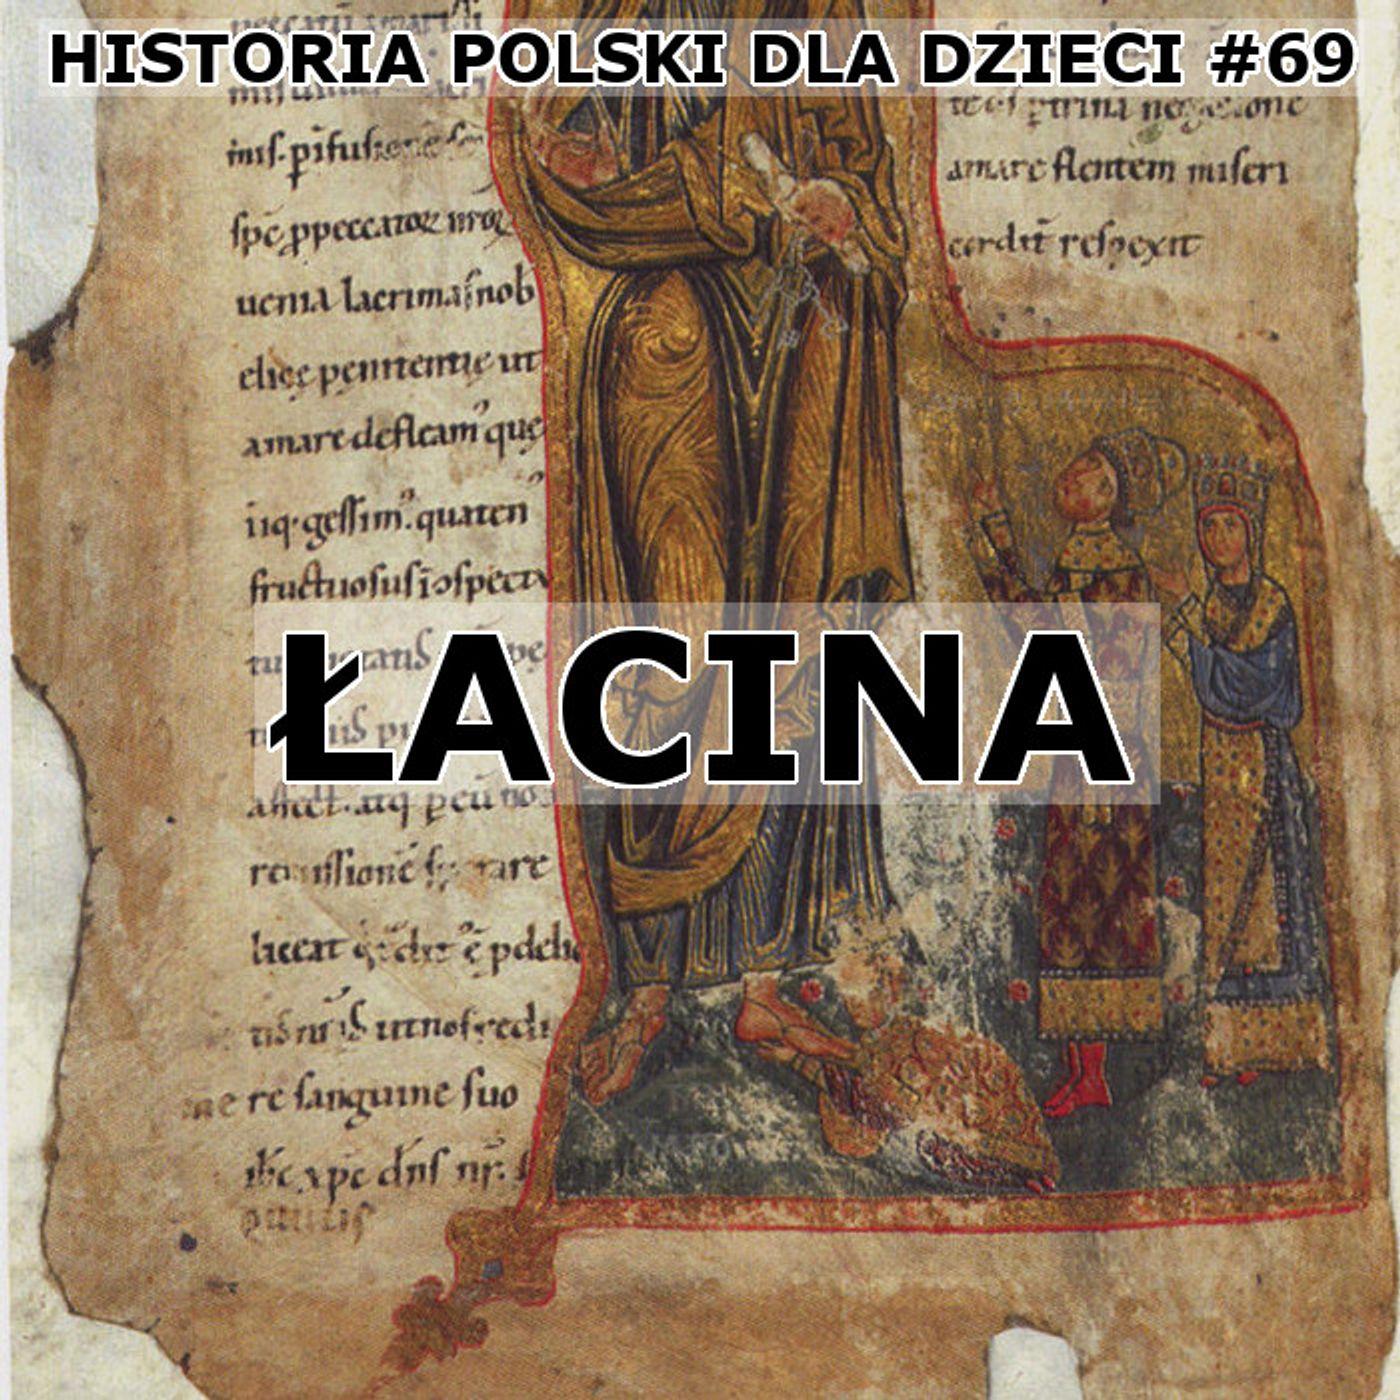 69 - Łacina